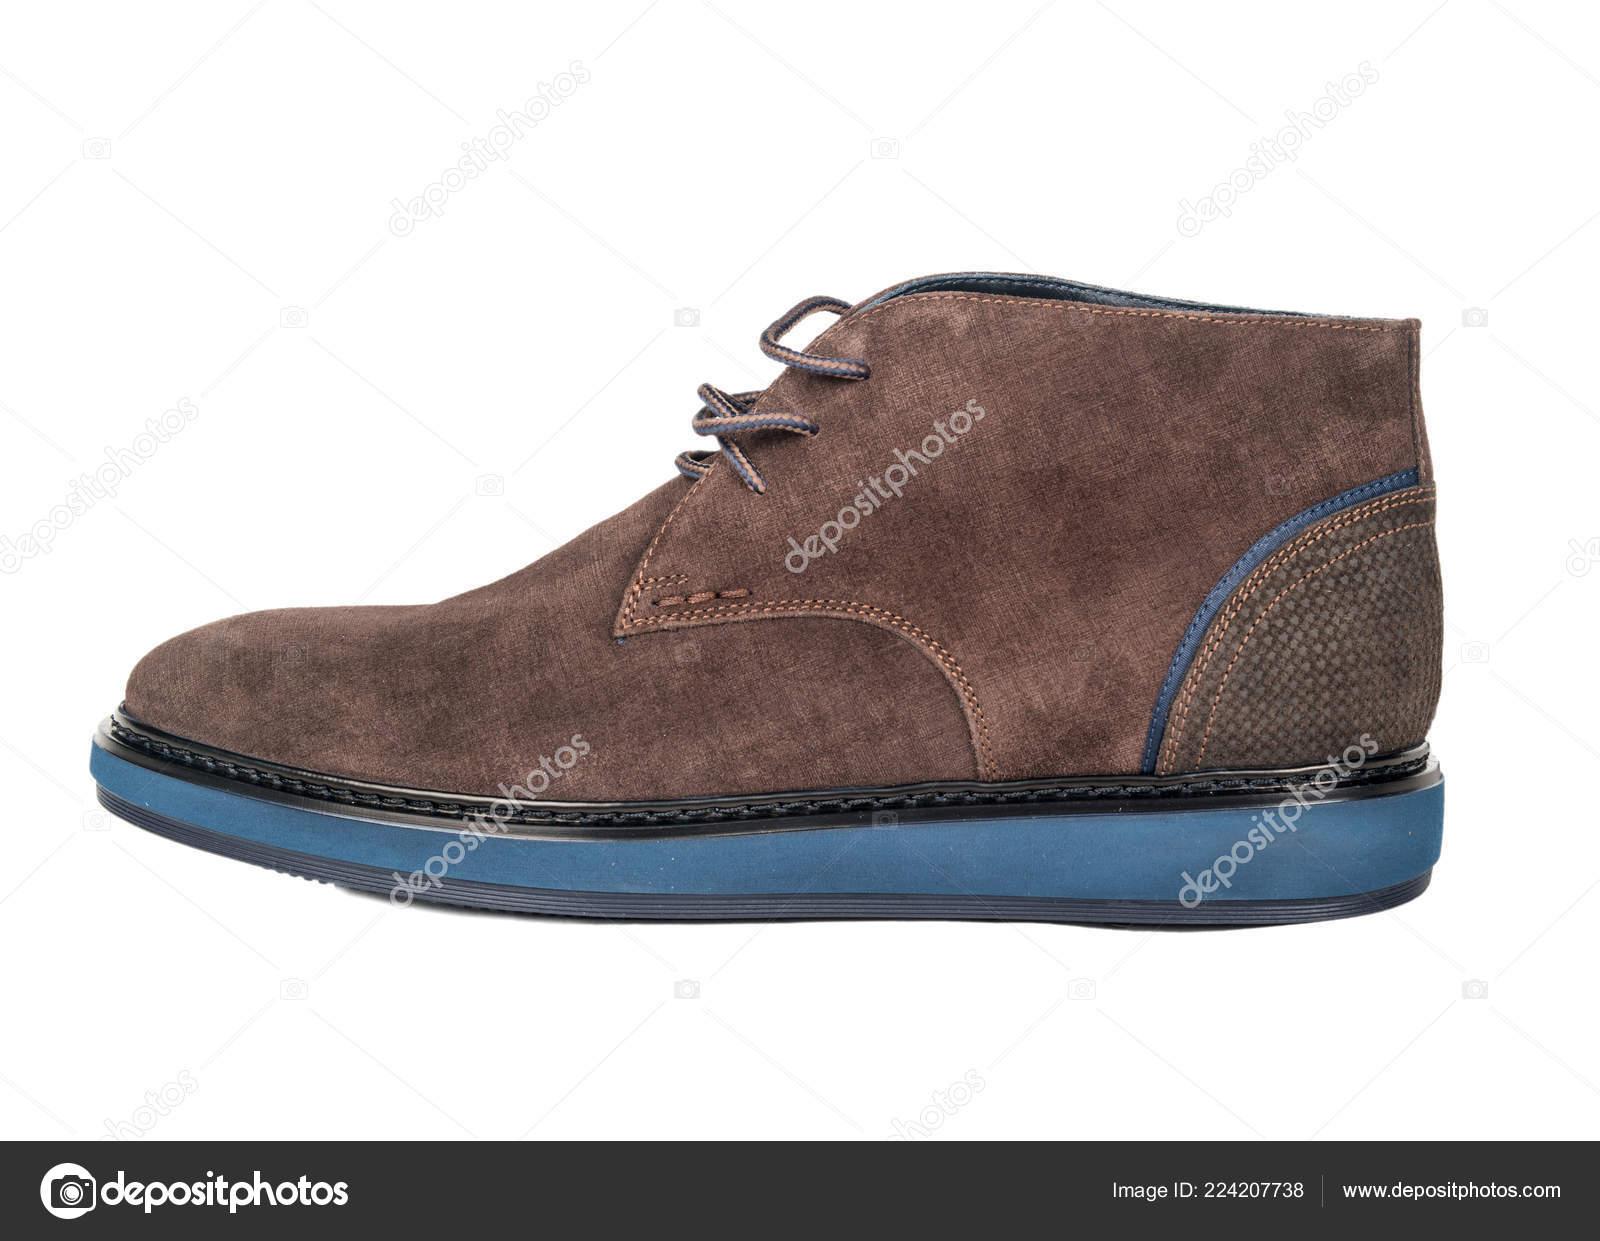 00c272e233c Zapatos Ante Marrón Para Hombre Sobre Fondo Blanco — Foto de stock ...